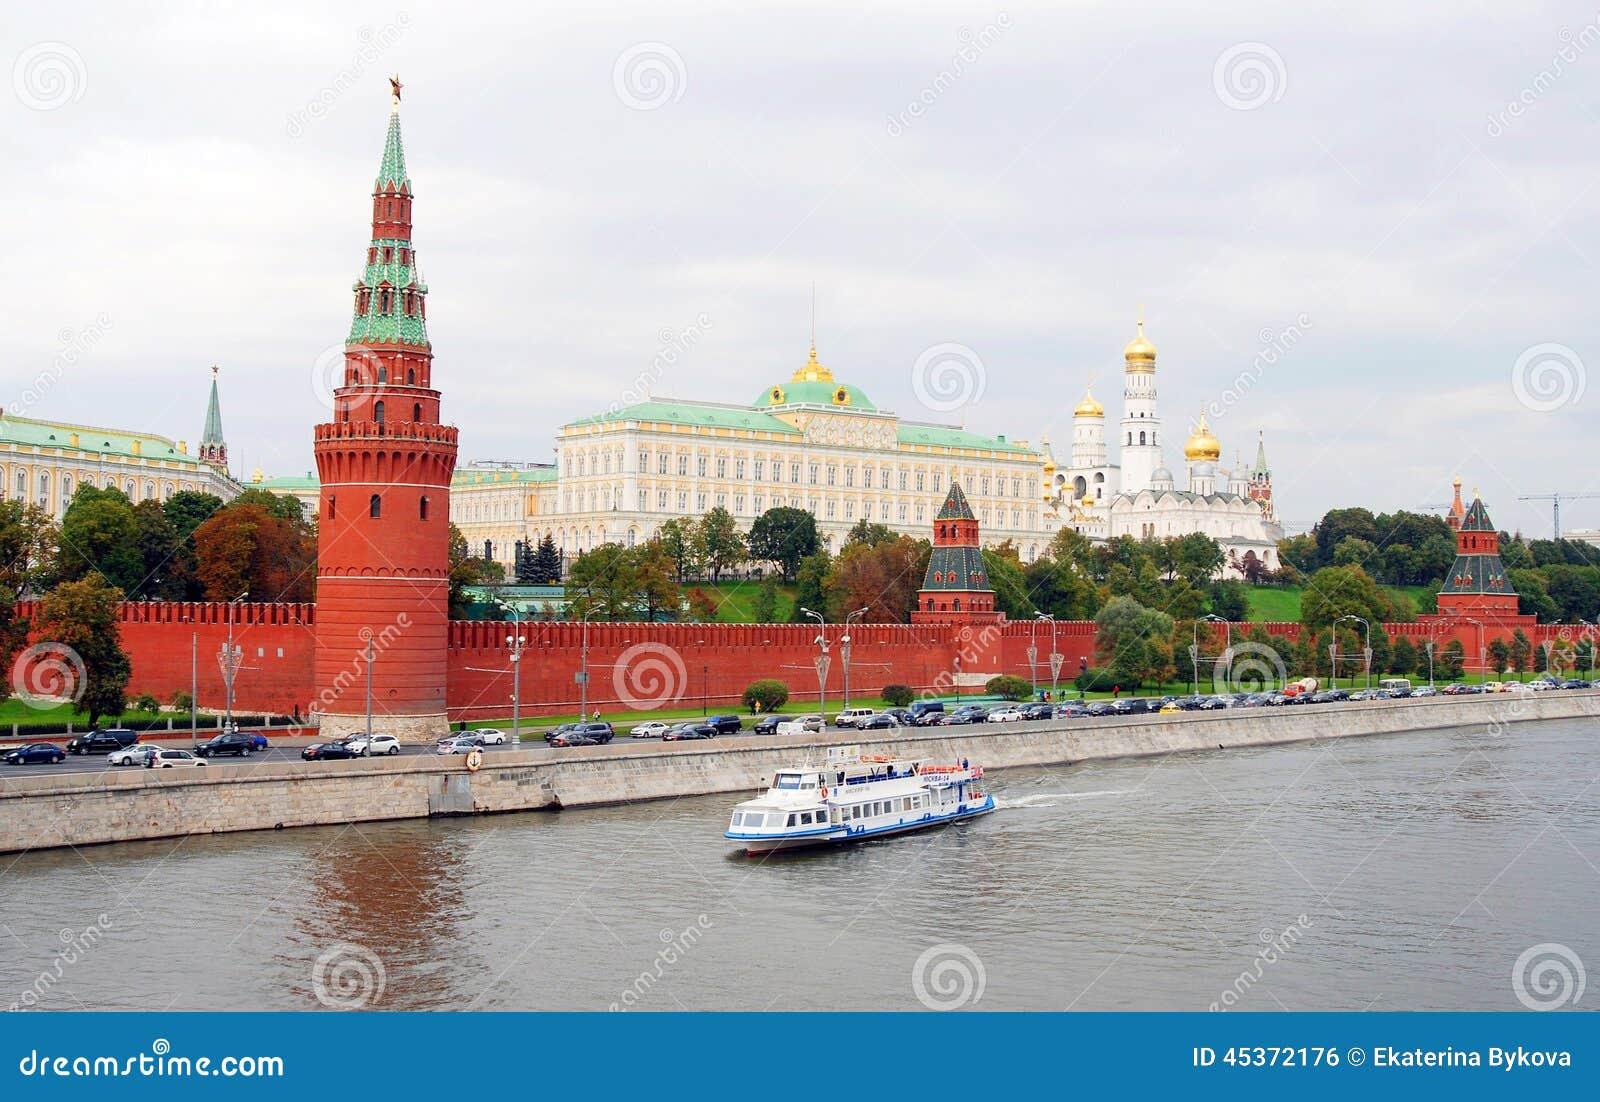 Panorama de Moscou Kremlin Site de patrimoine mondial de l UNESCO